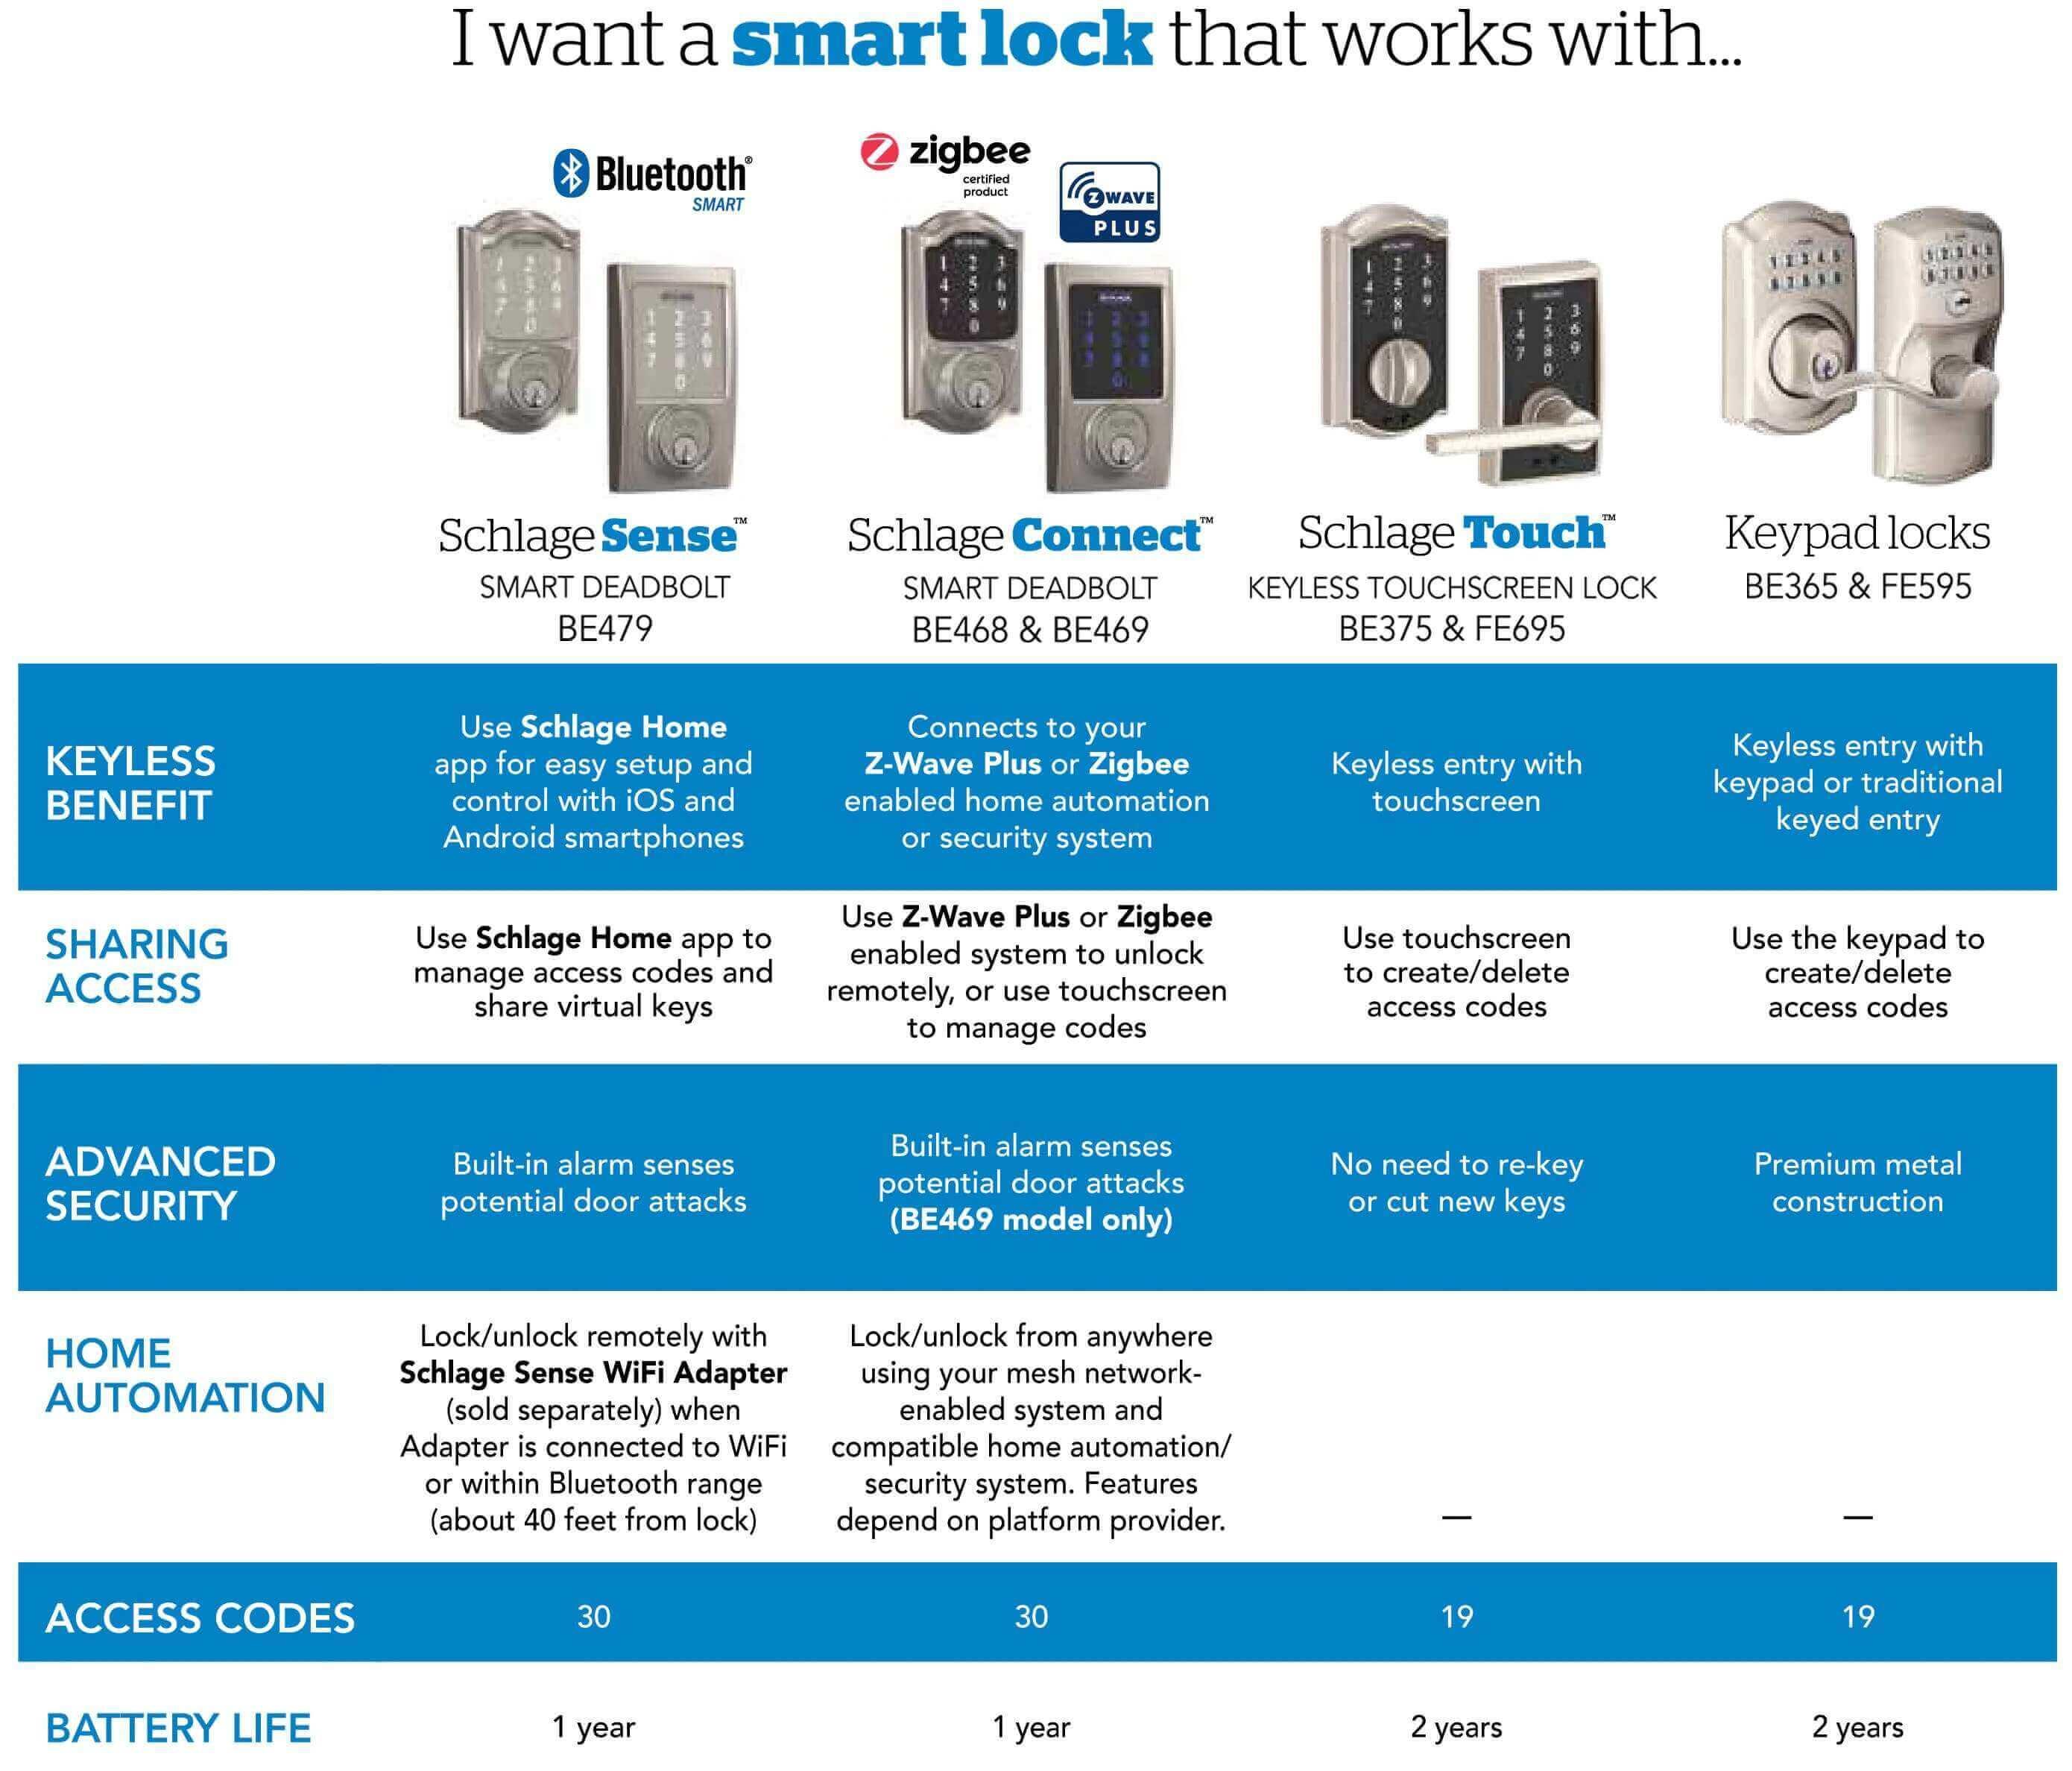 sch-brand-electronics-header-1.jpg